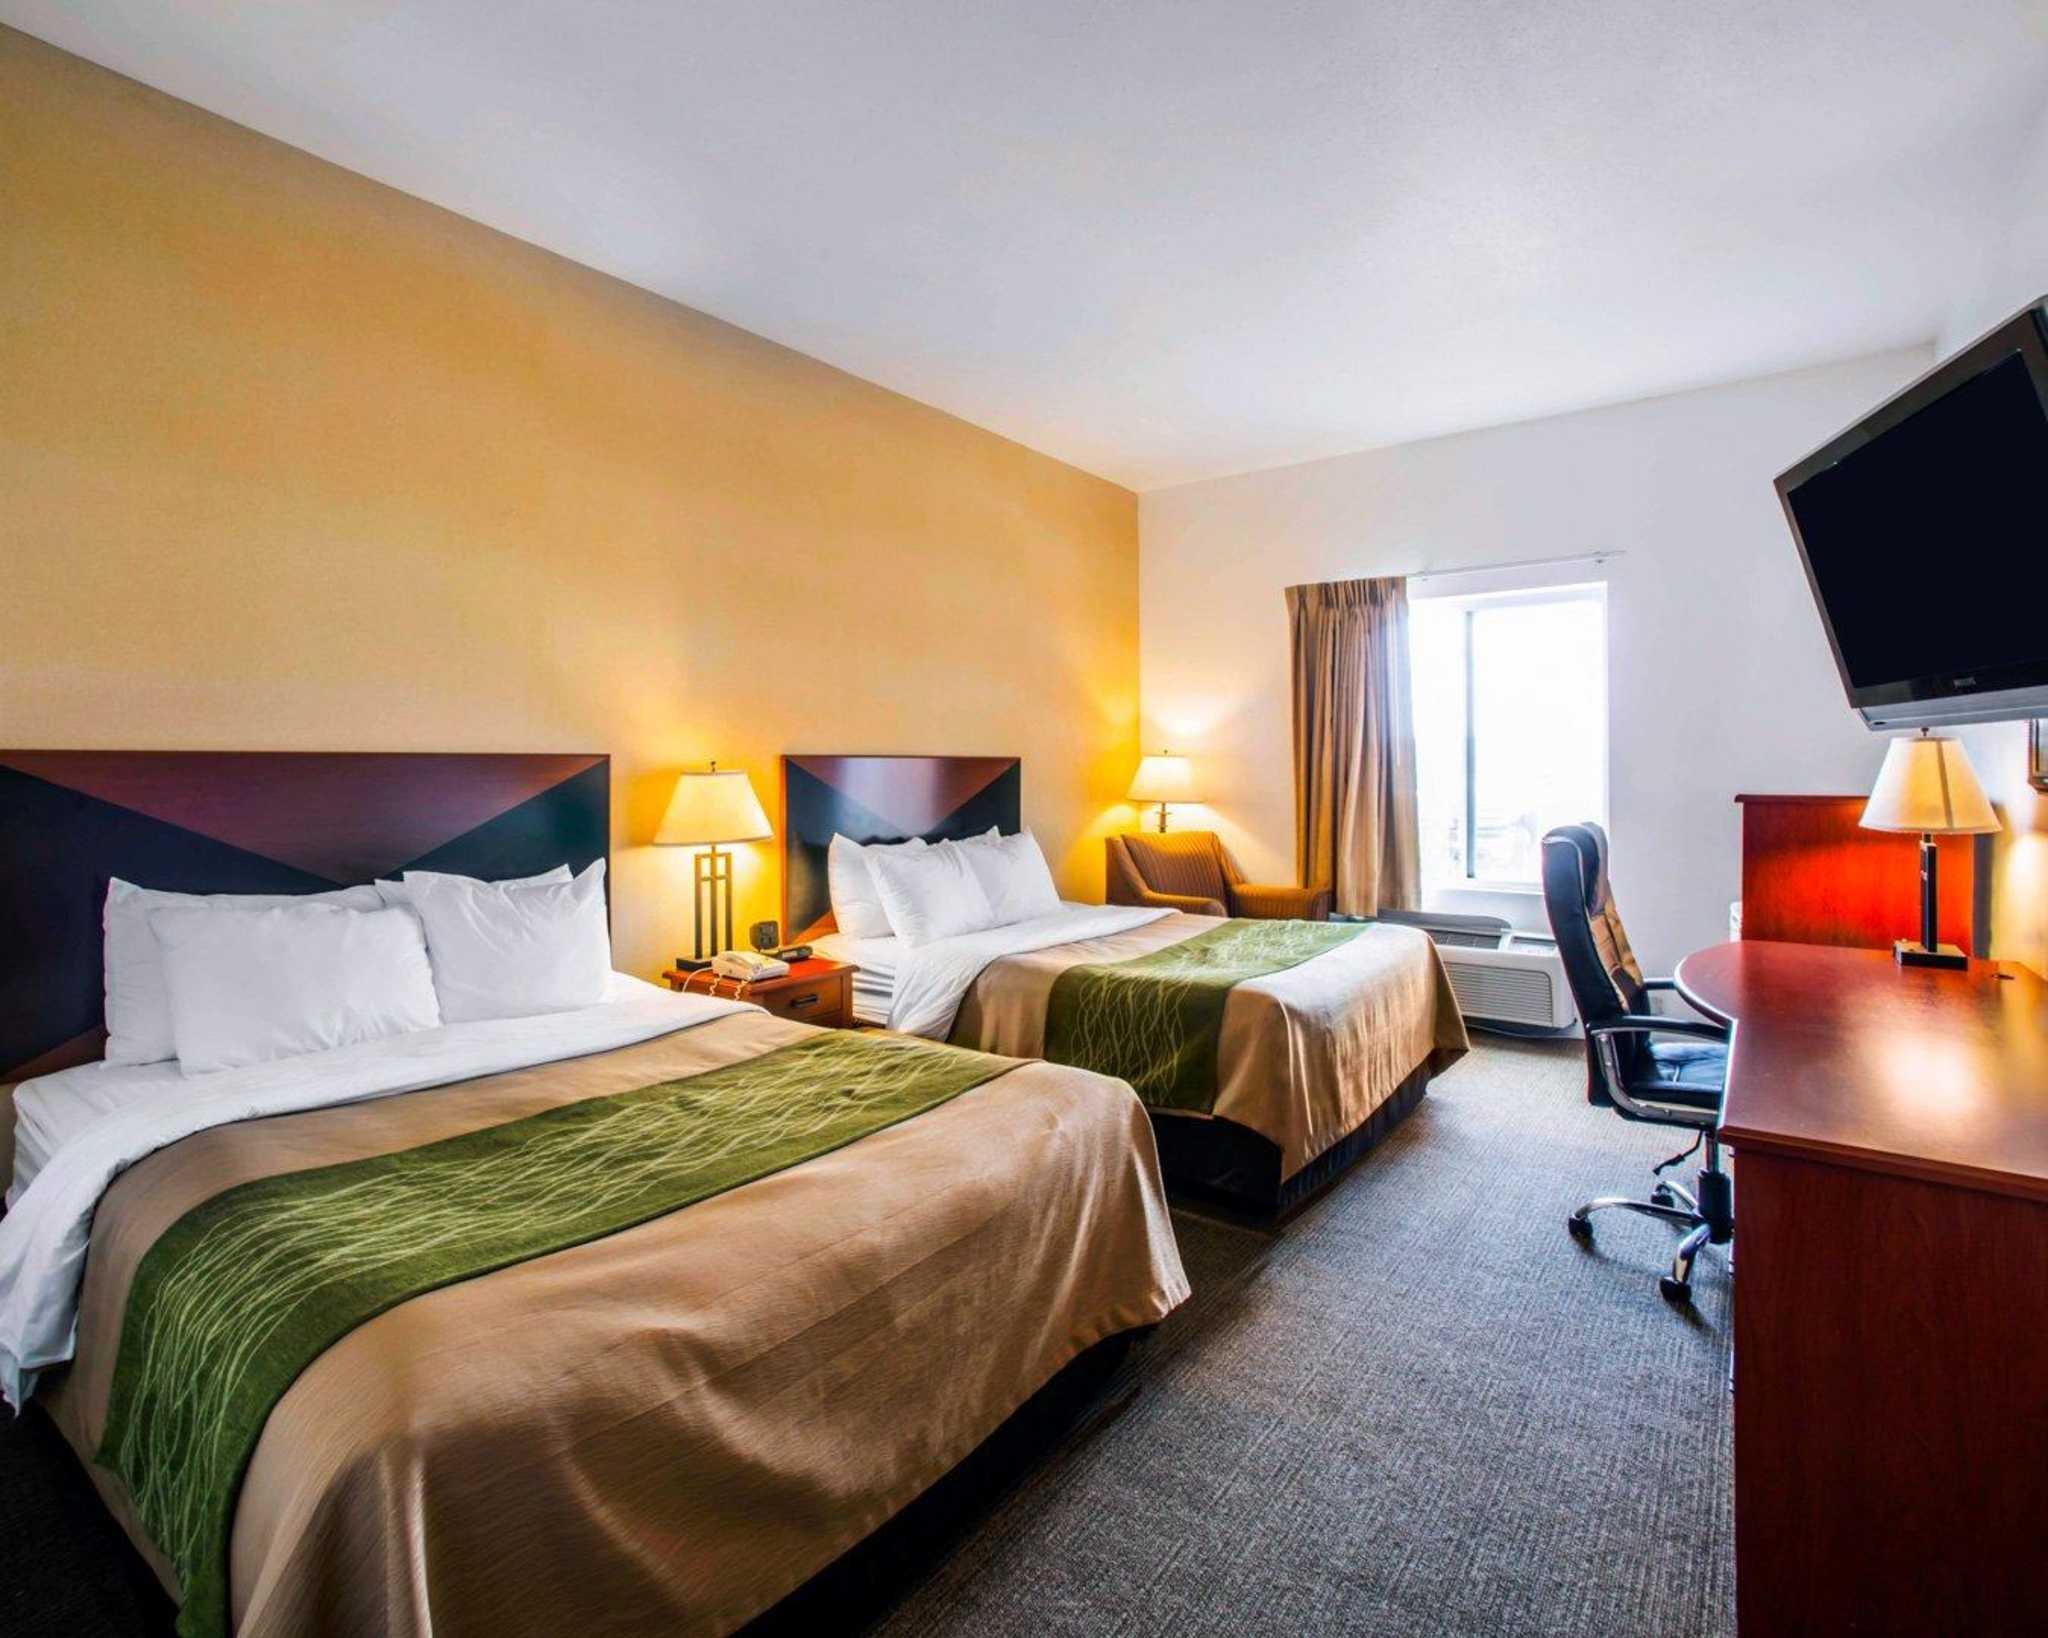 Comfort Inn & Suites Greenville I-70 image 21